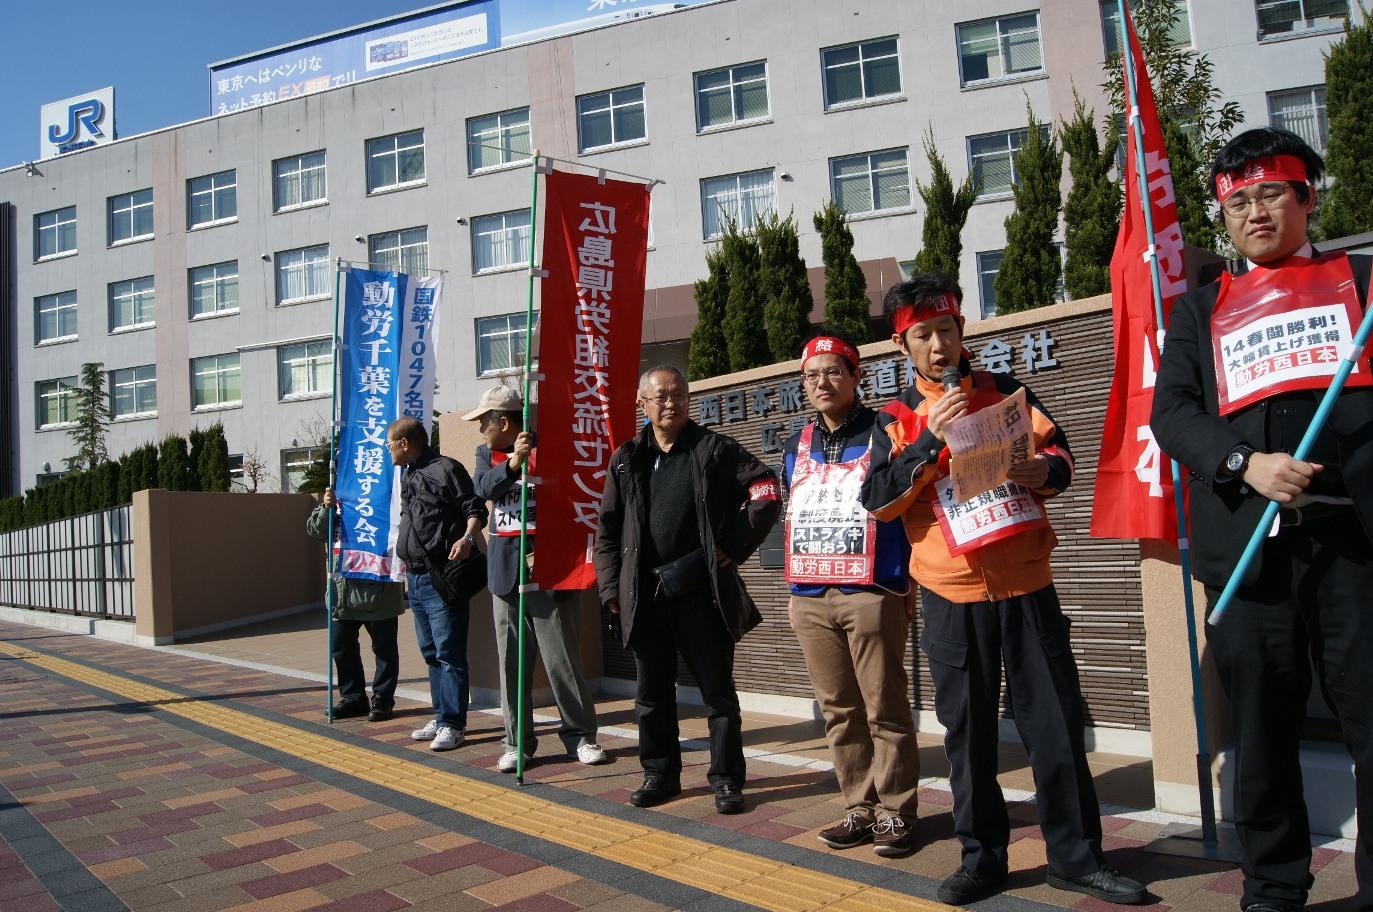 14春闘広島スト写真報告~JR西日本広島支社前_d0155415_0162684.jpg